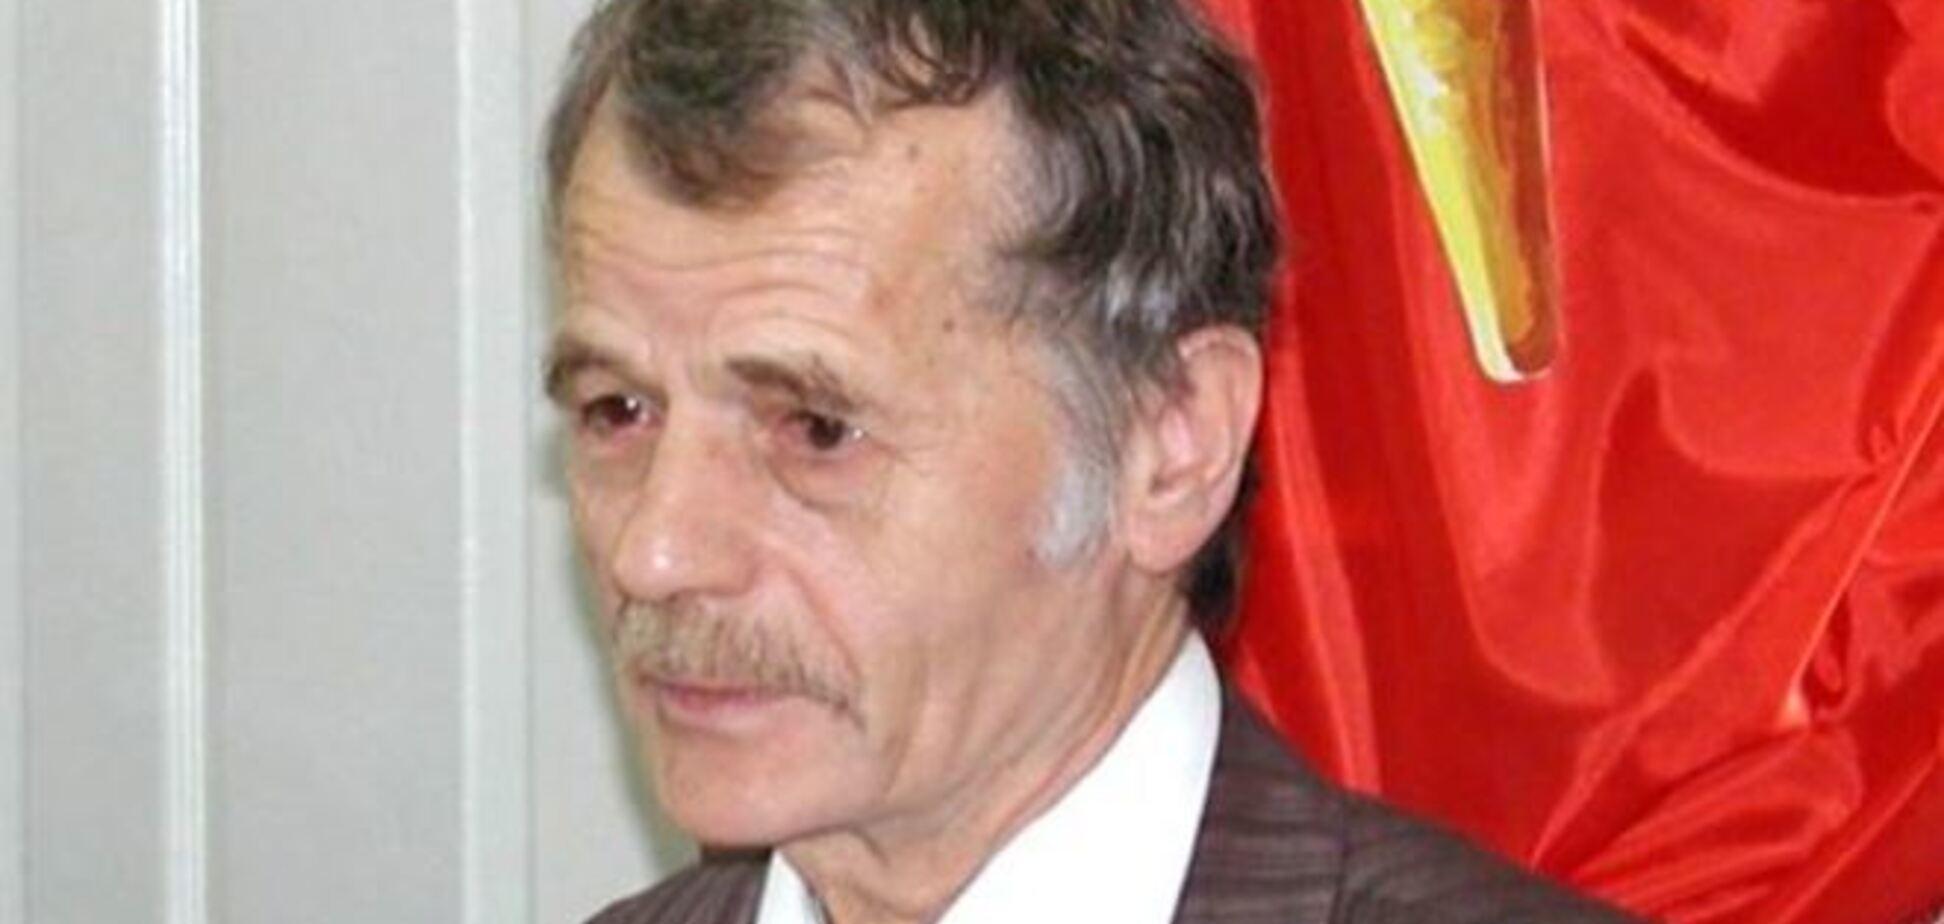 Туреччина пообіцяла поговорити з Путіним про повернення Джемілєва до Криму